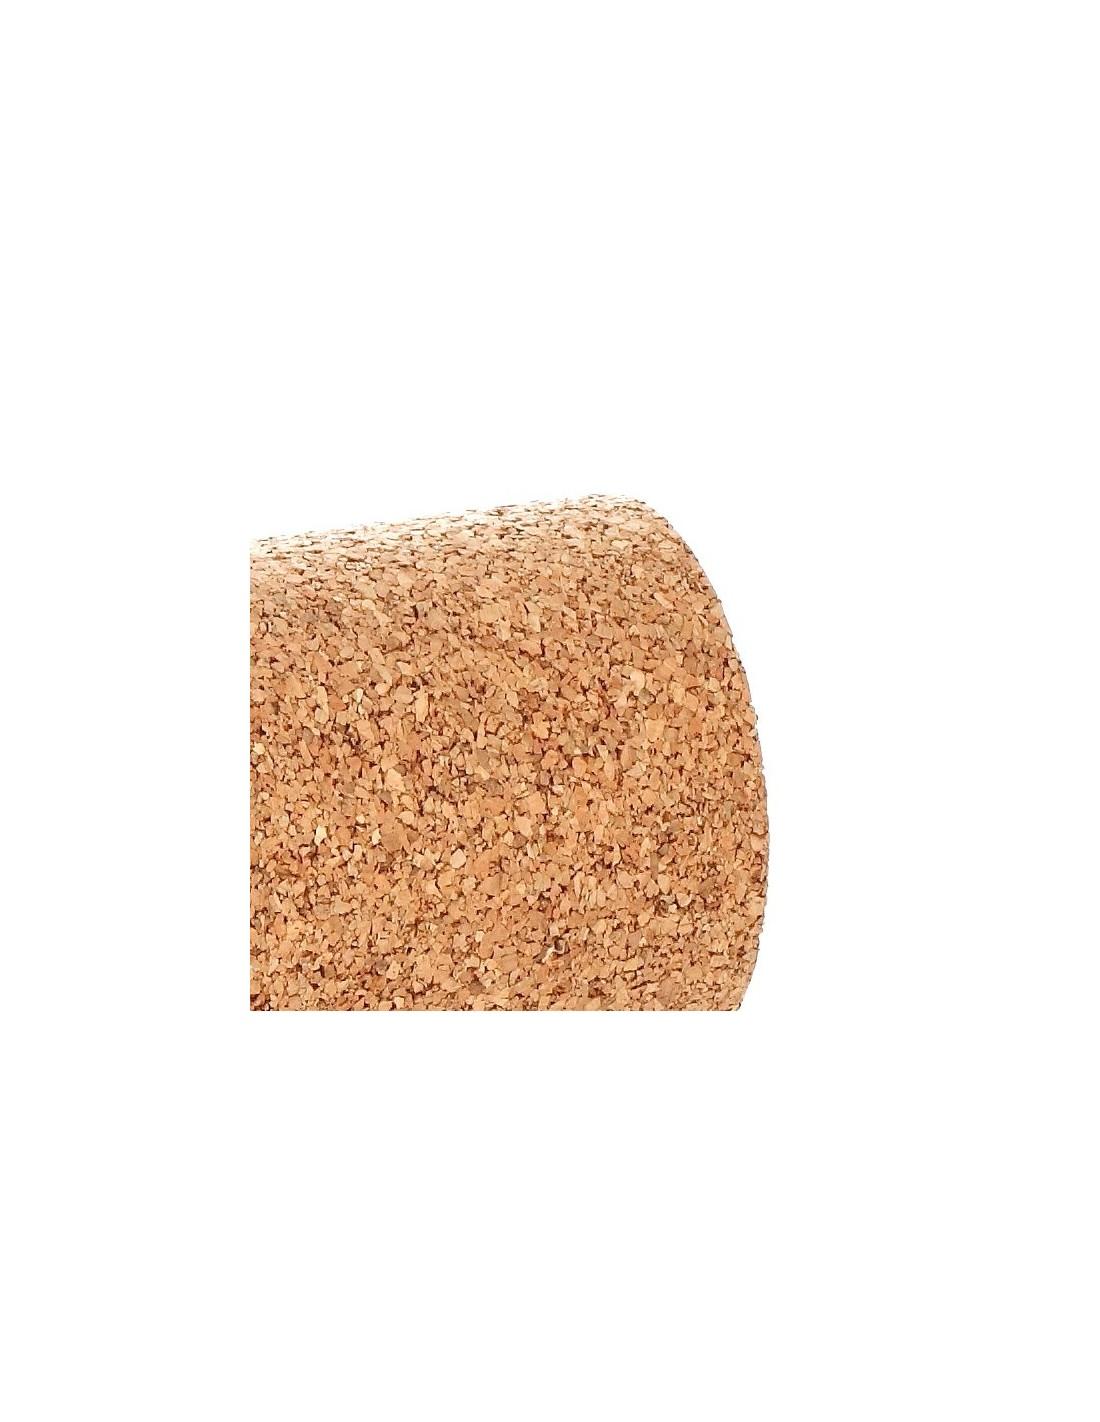 Rollos de corcho ac stico y t rmico para pavimentos flotantes - Pavimento de corcho ...